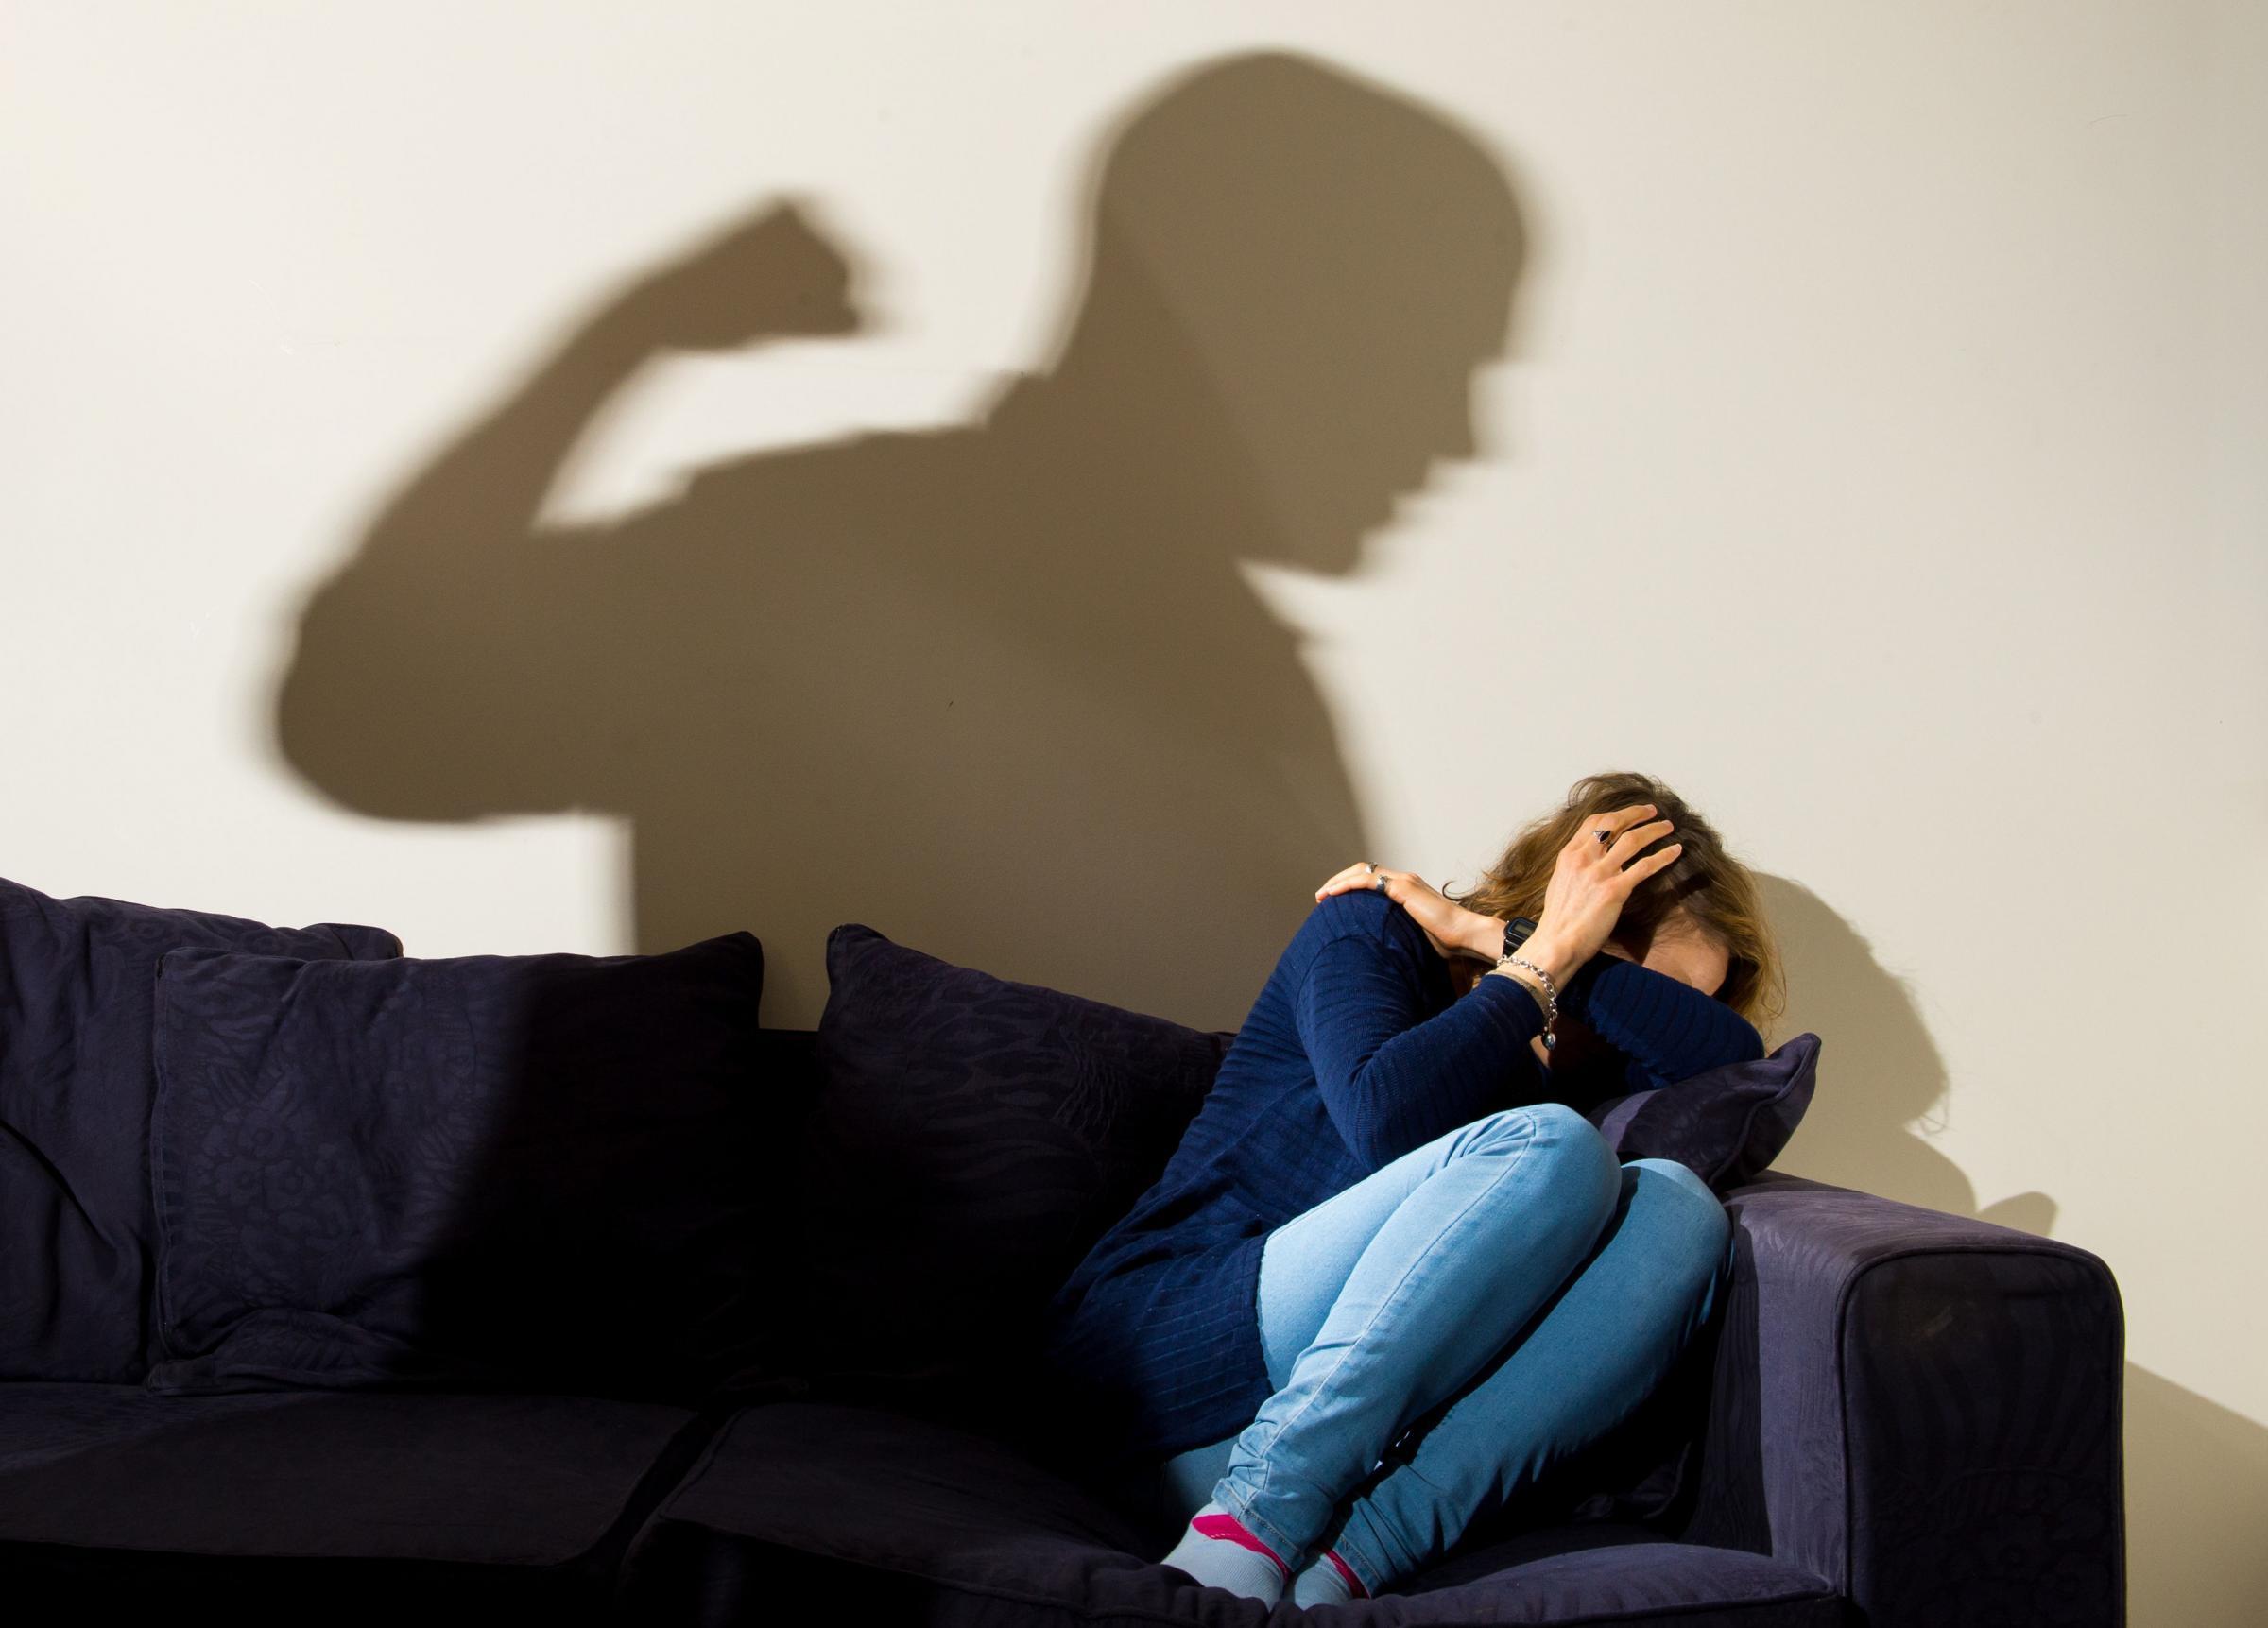 Disabile mentale schiavizzata dal convivente: la costringeva a prostituirsi